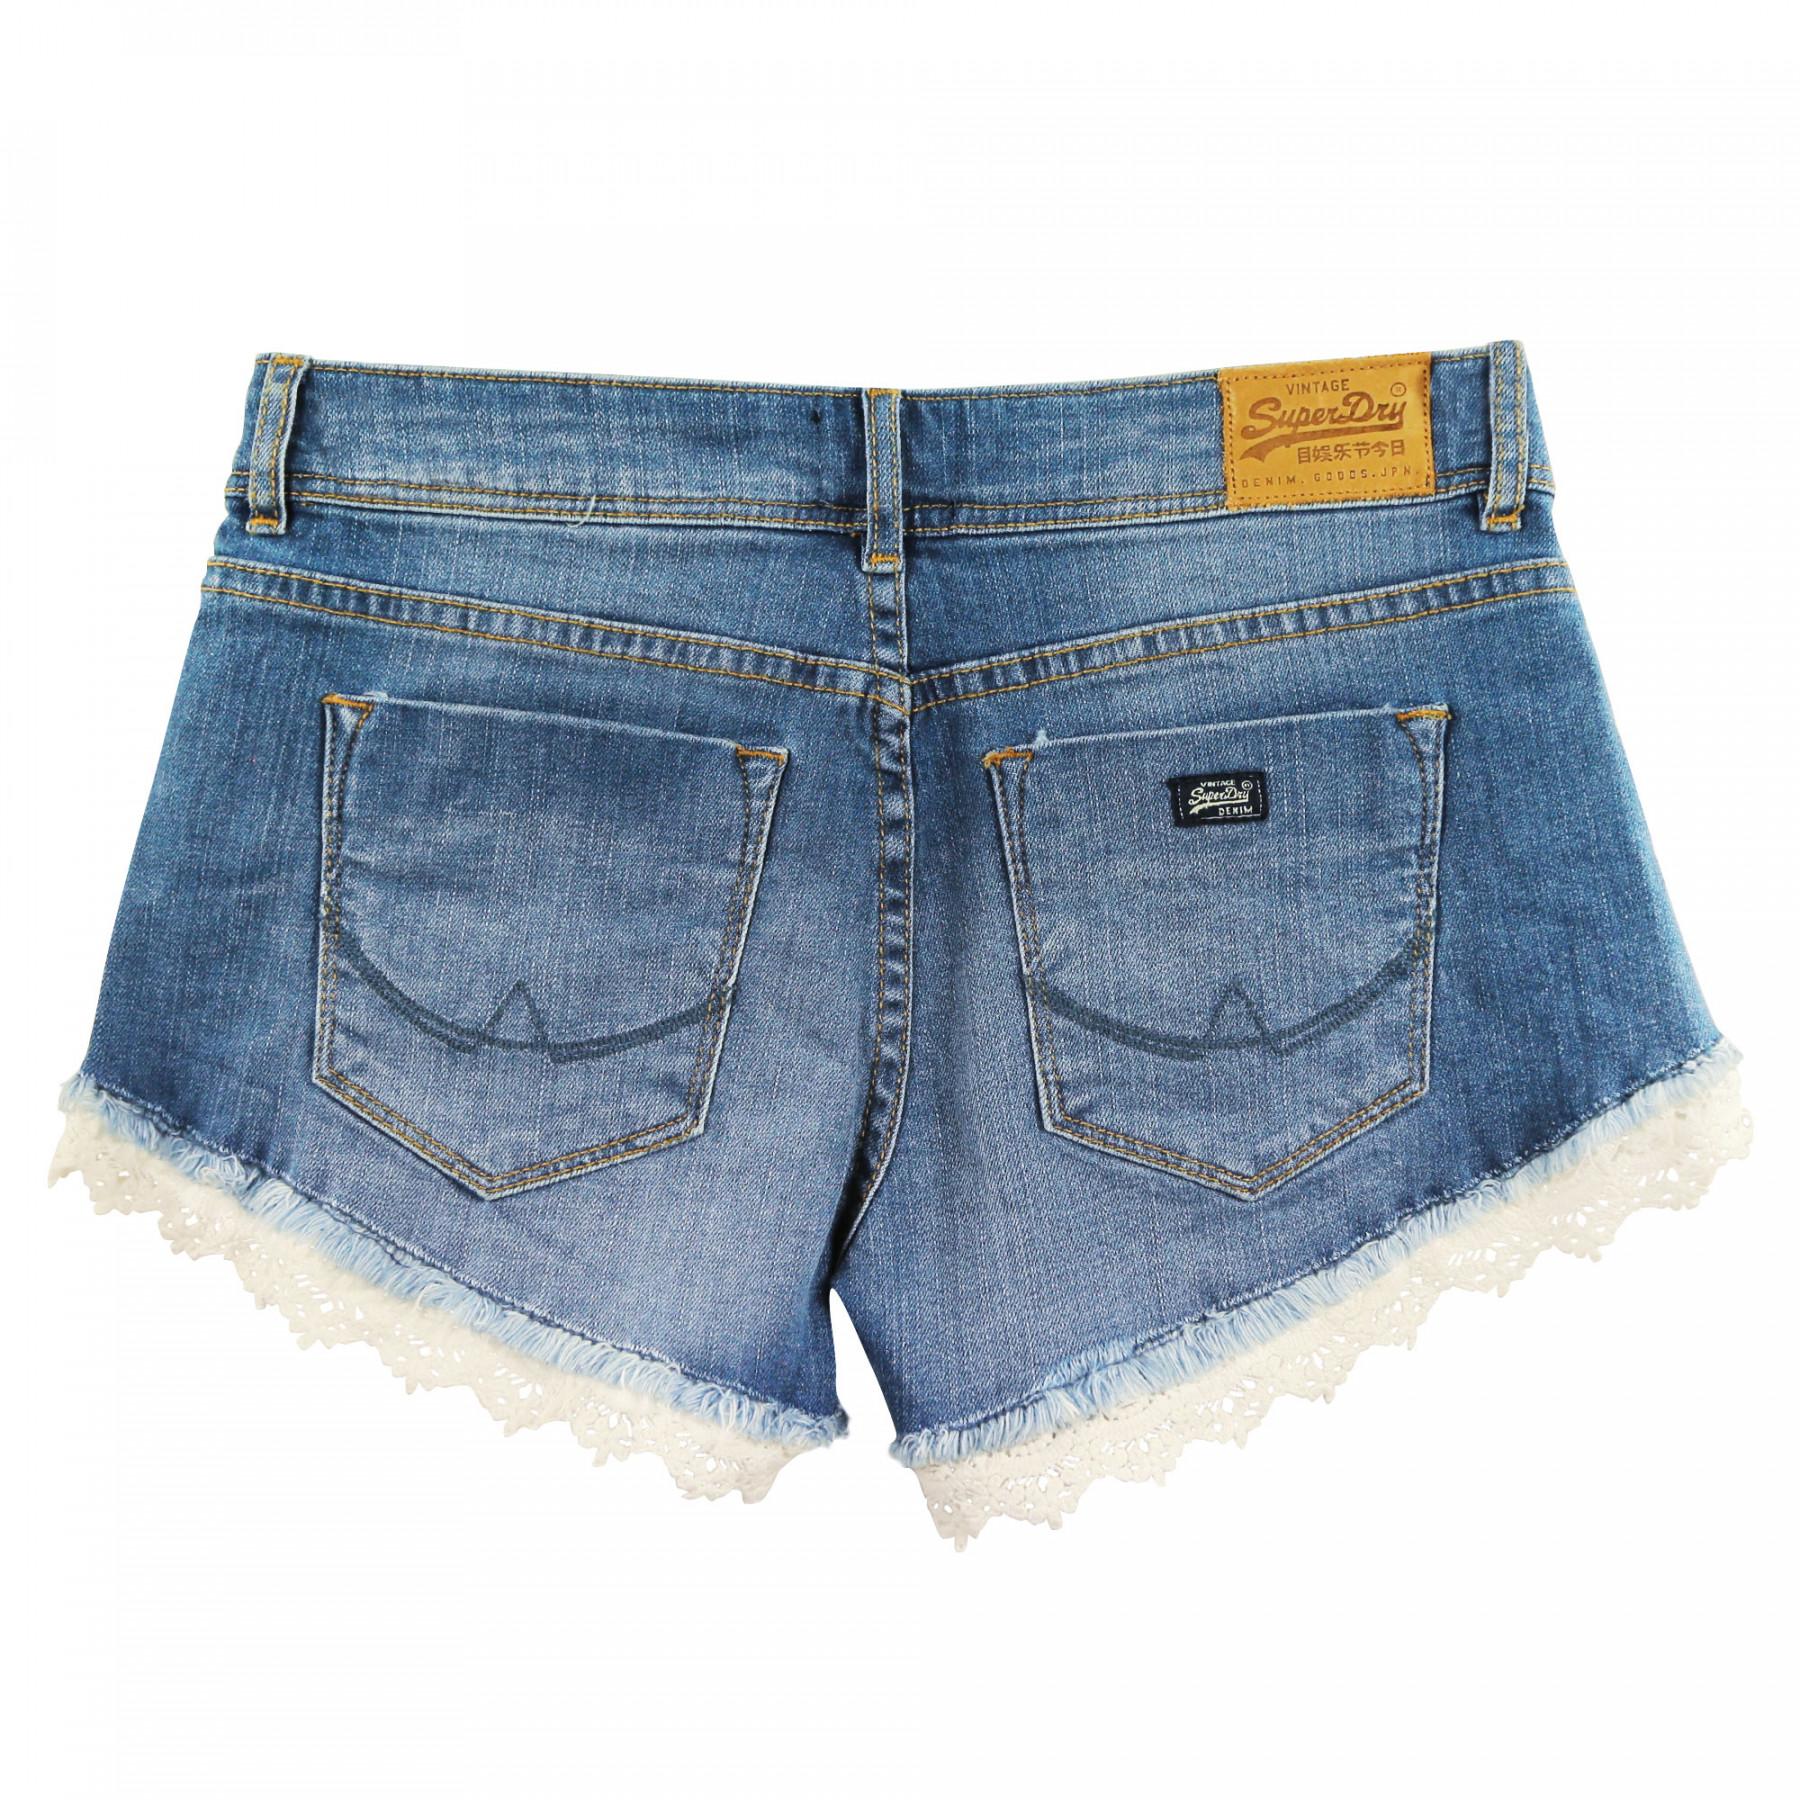 Cher Pas Superdry Short Shorts Lace Femme Hot Jeans Bleu xFwUnnv0Yq 7c5e58bc987